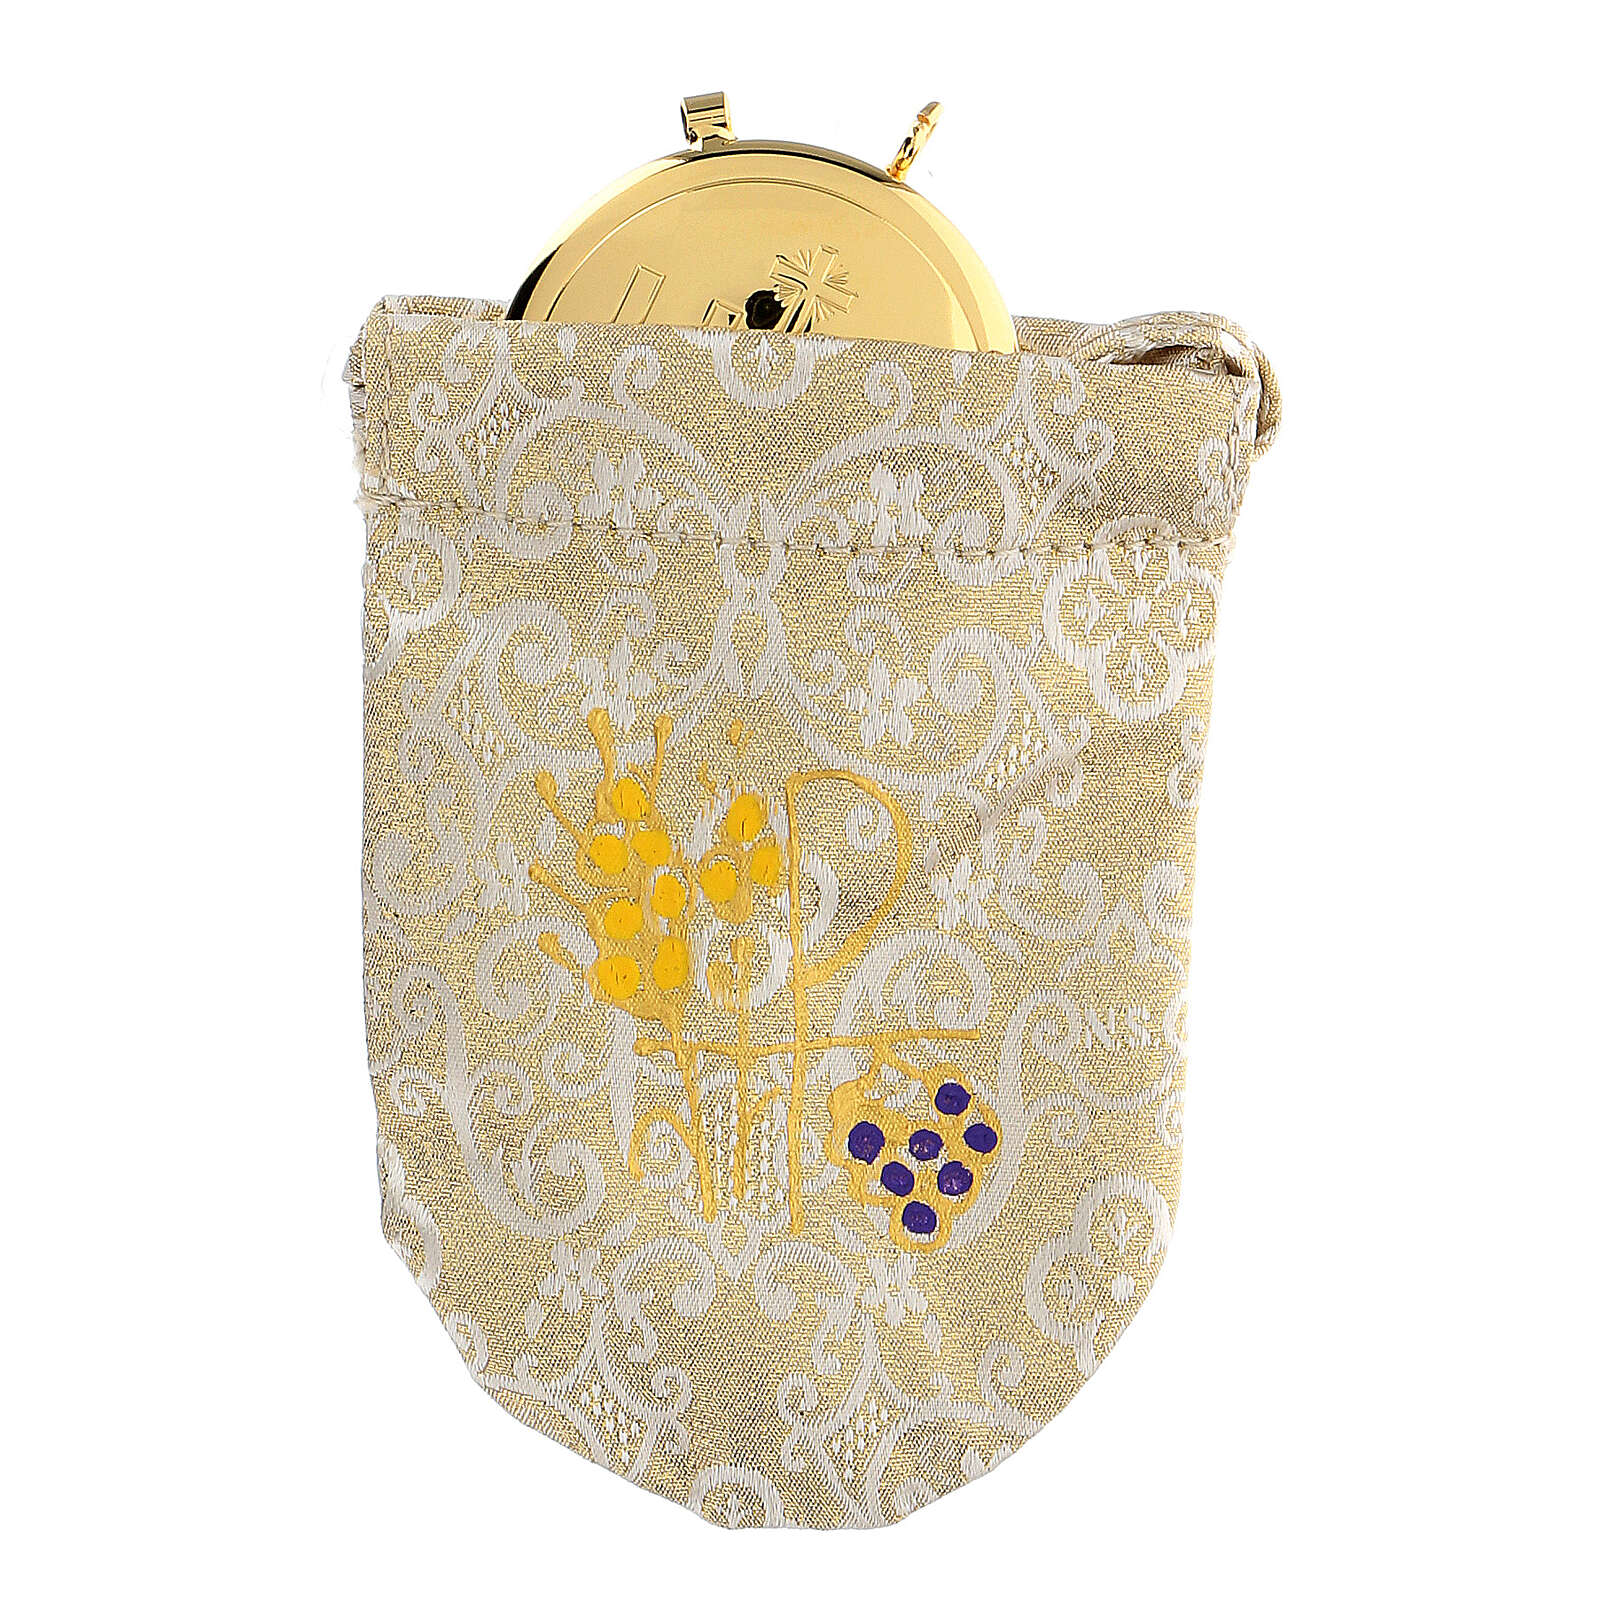 Sacchetto porta viatico in jacquard damascato teca 8 cm 3